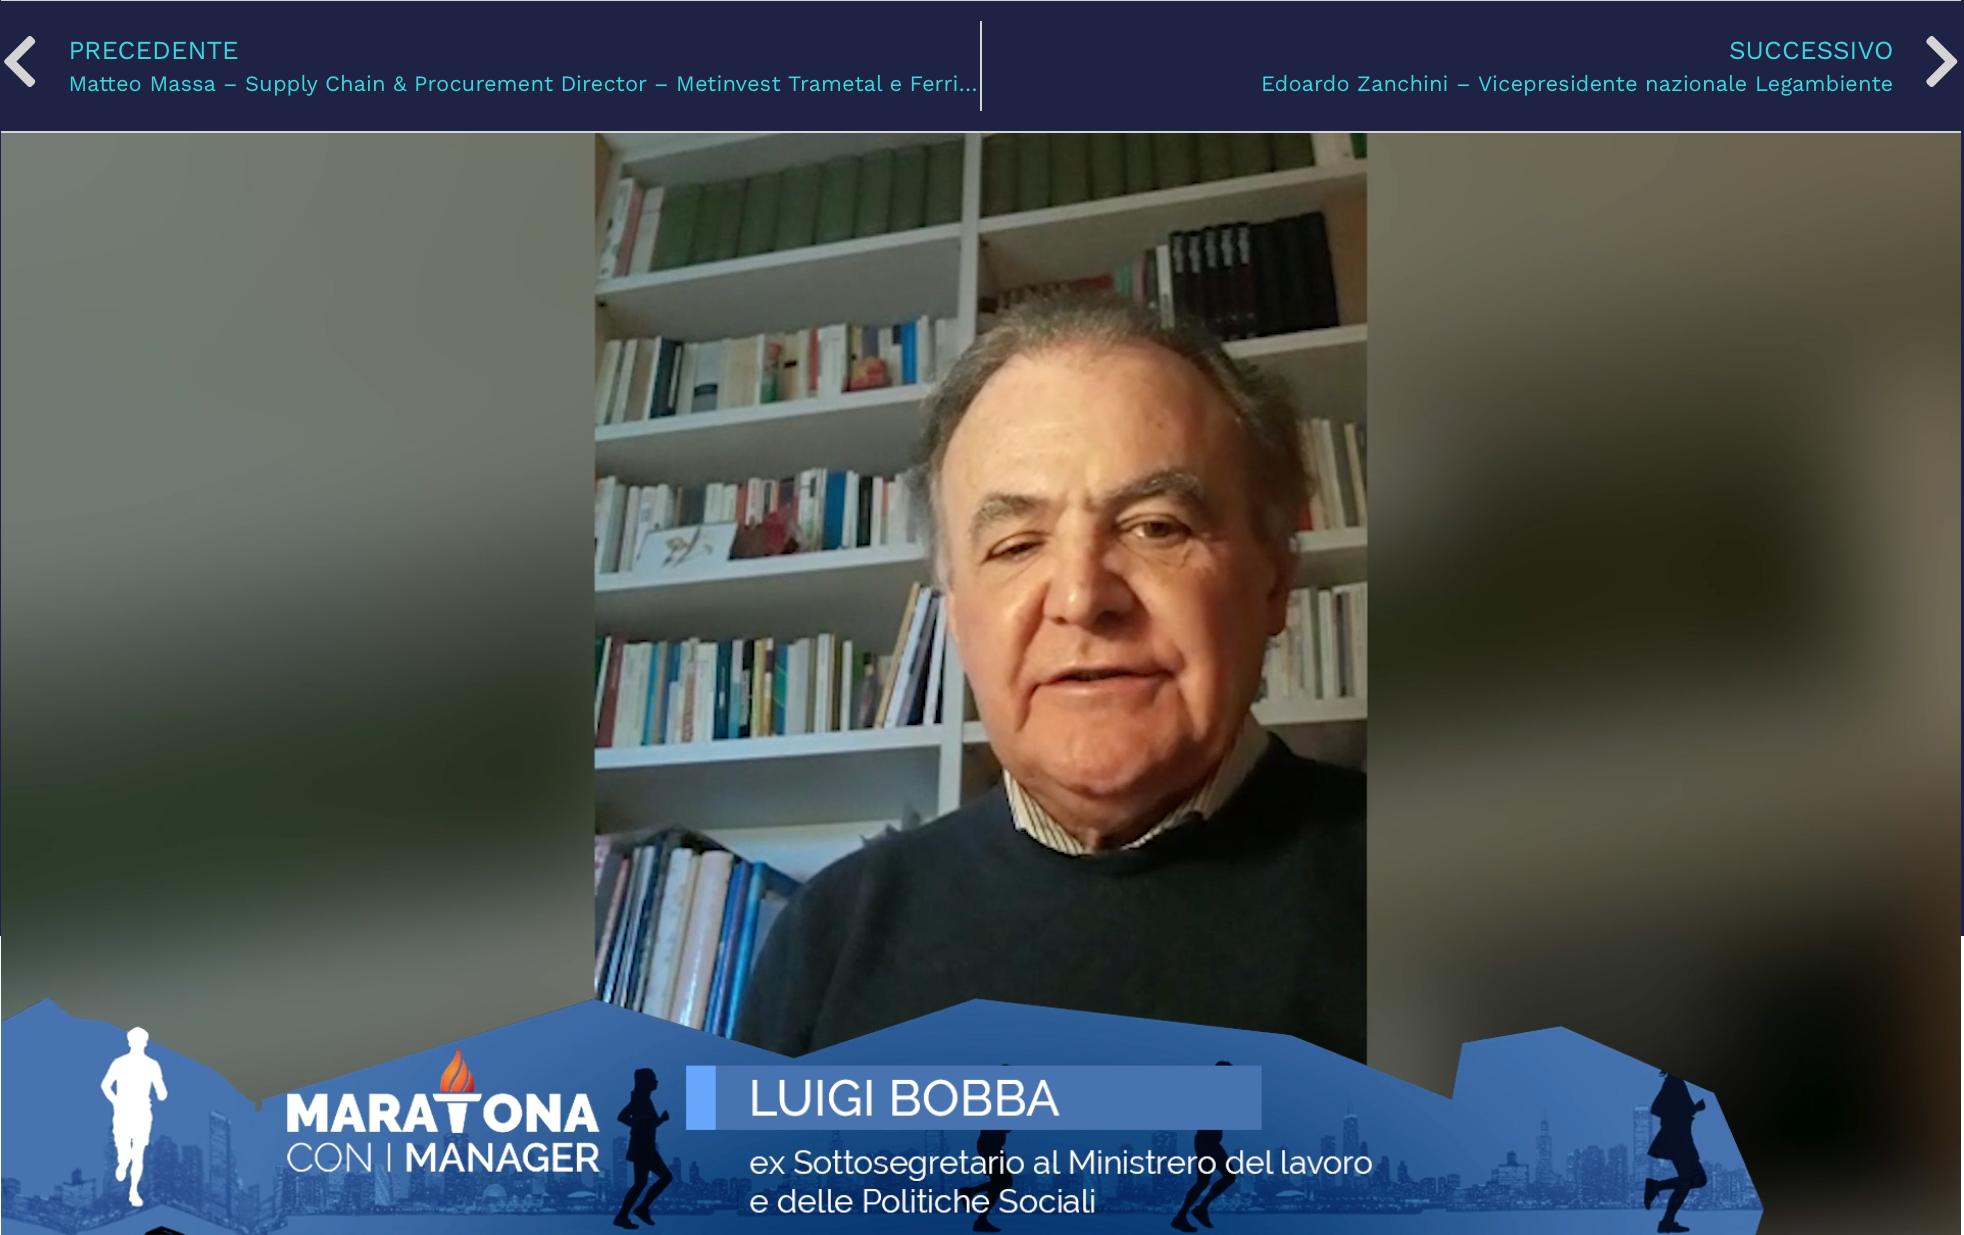 Maratona con i manager: Luigi Bobba, ex Sottosegretario al Ministrero del lavoro e delle Politiche Sociali